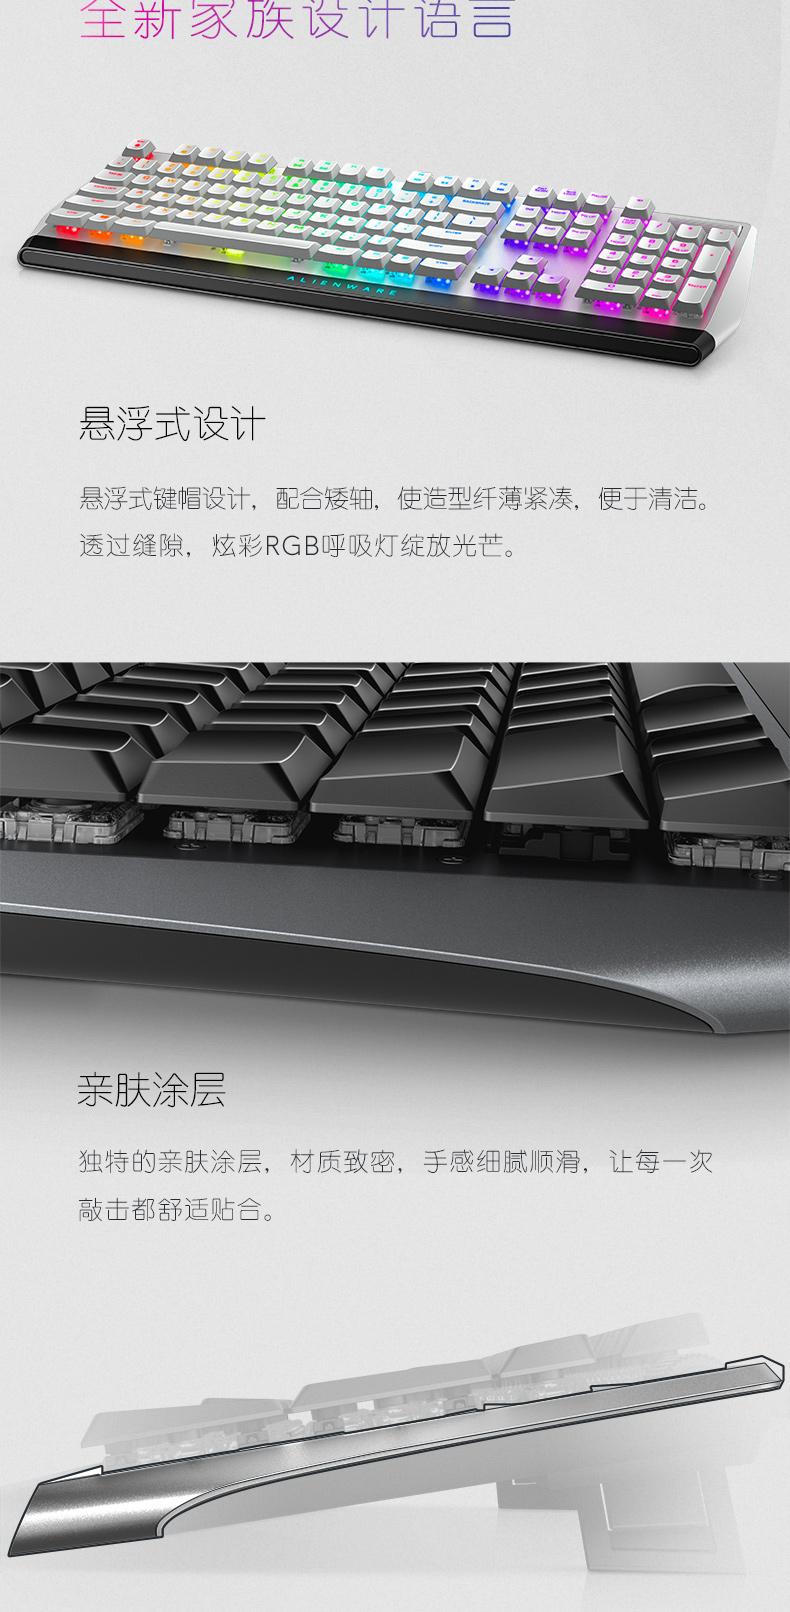 Bộ bàn phím + chuột Đối tượng phím ngoài hành tinh và bộ con chuột bao gồm cả bàn phím máy chủ động